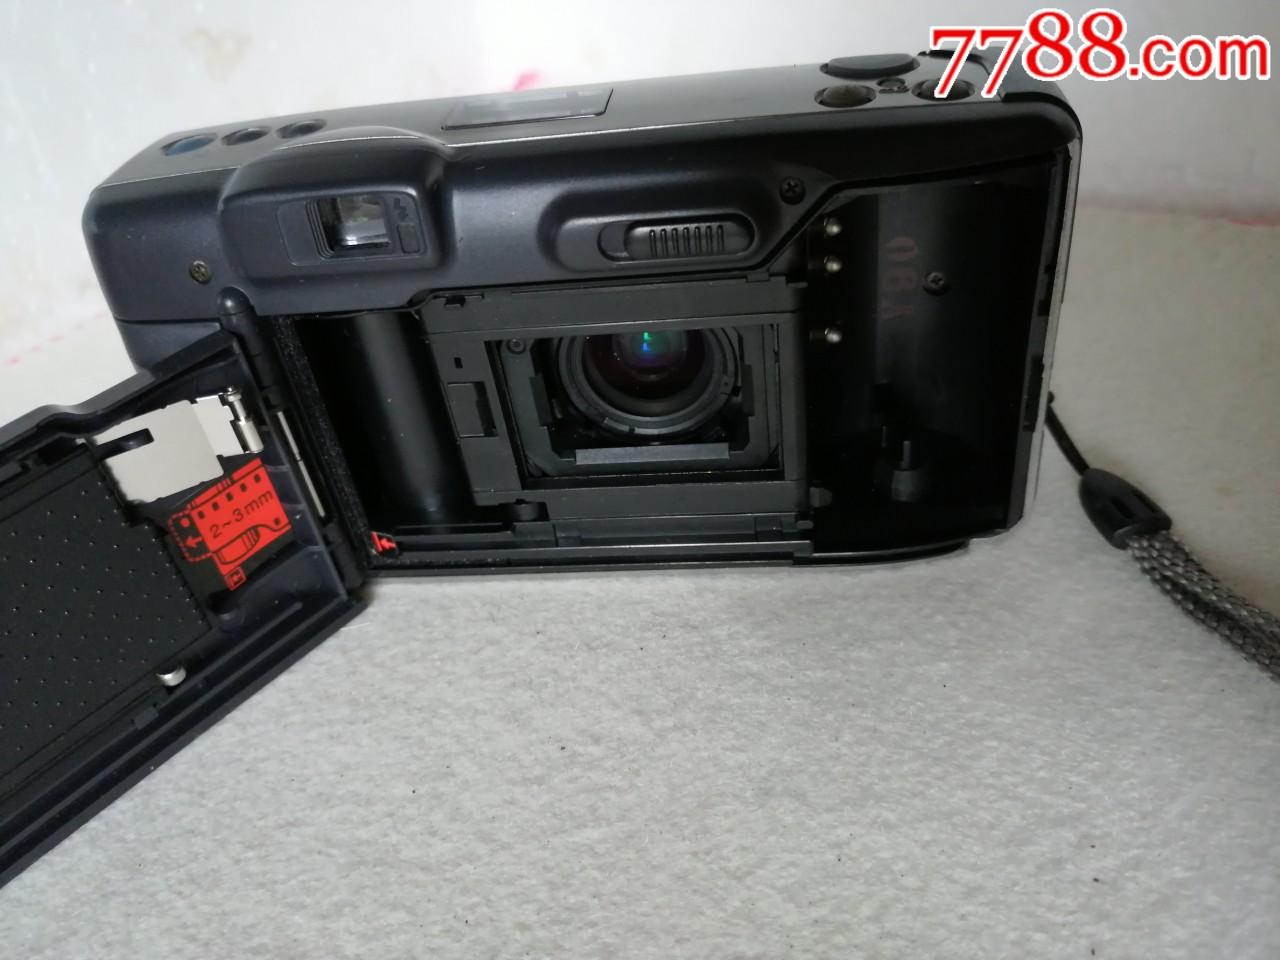 高级变焦尼康相机_价格192元_第10张_